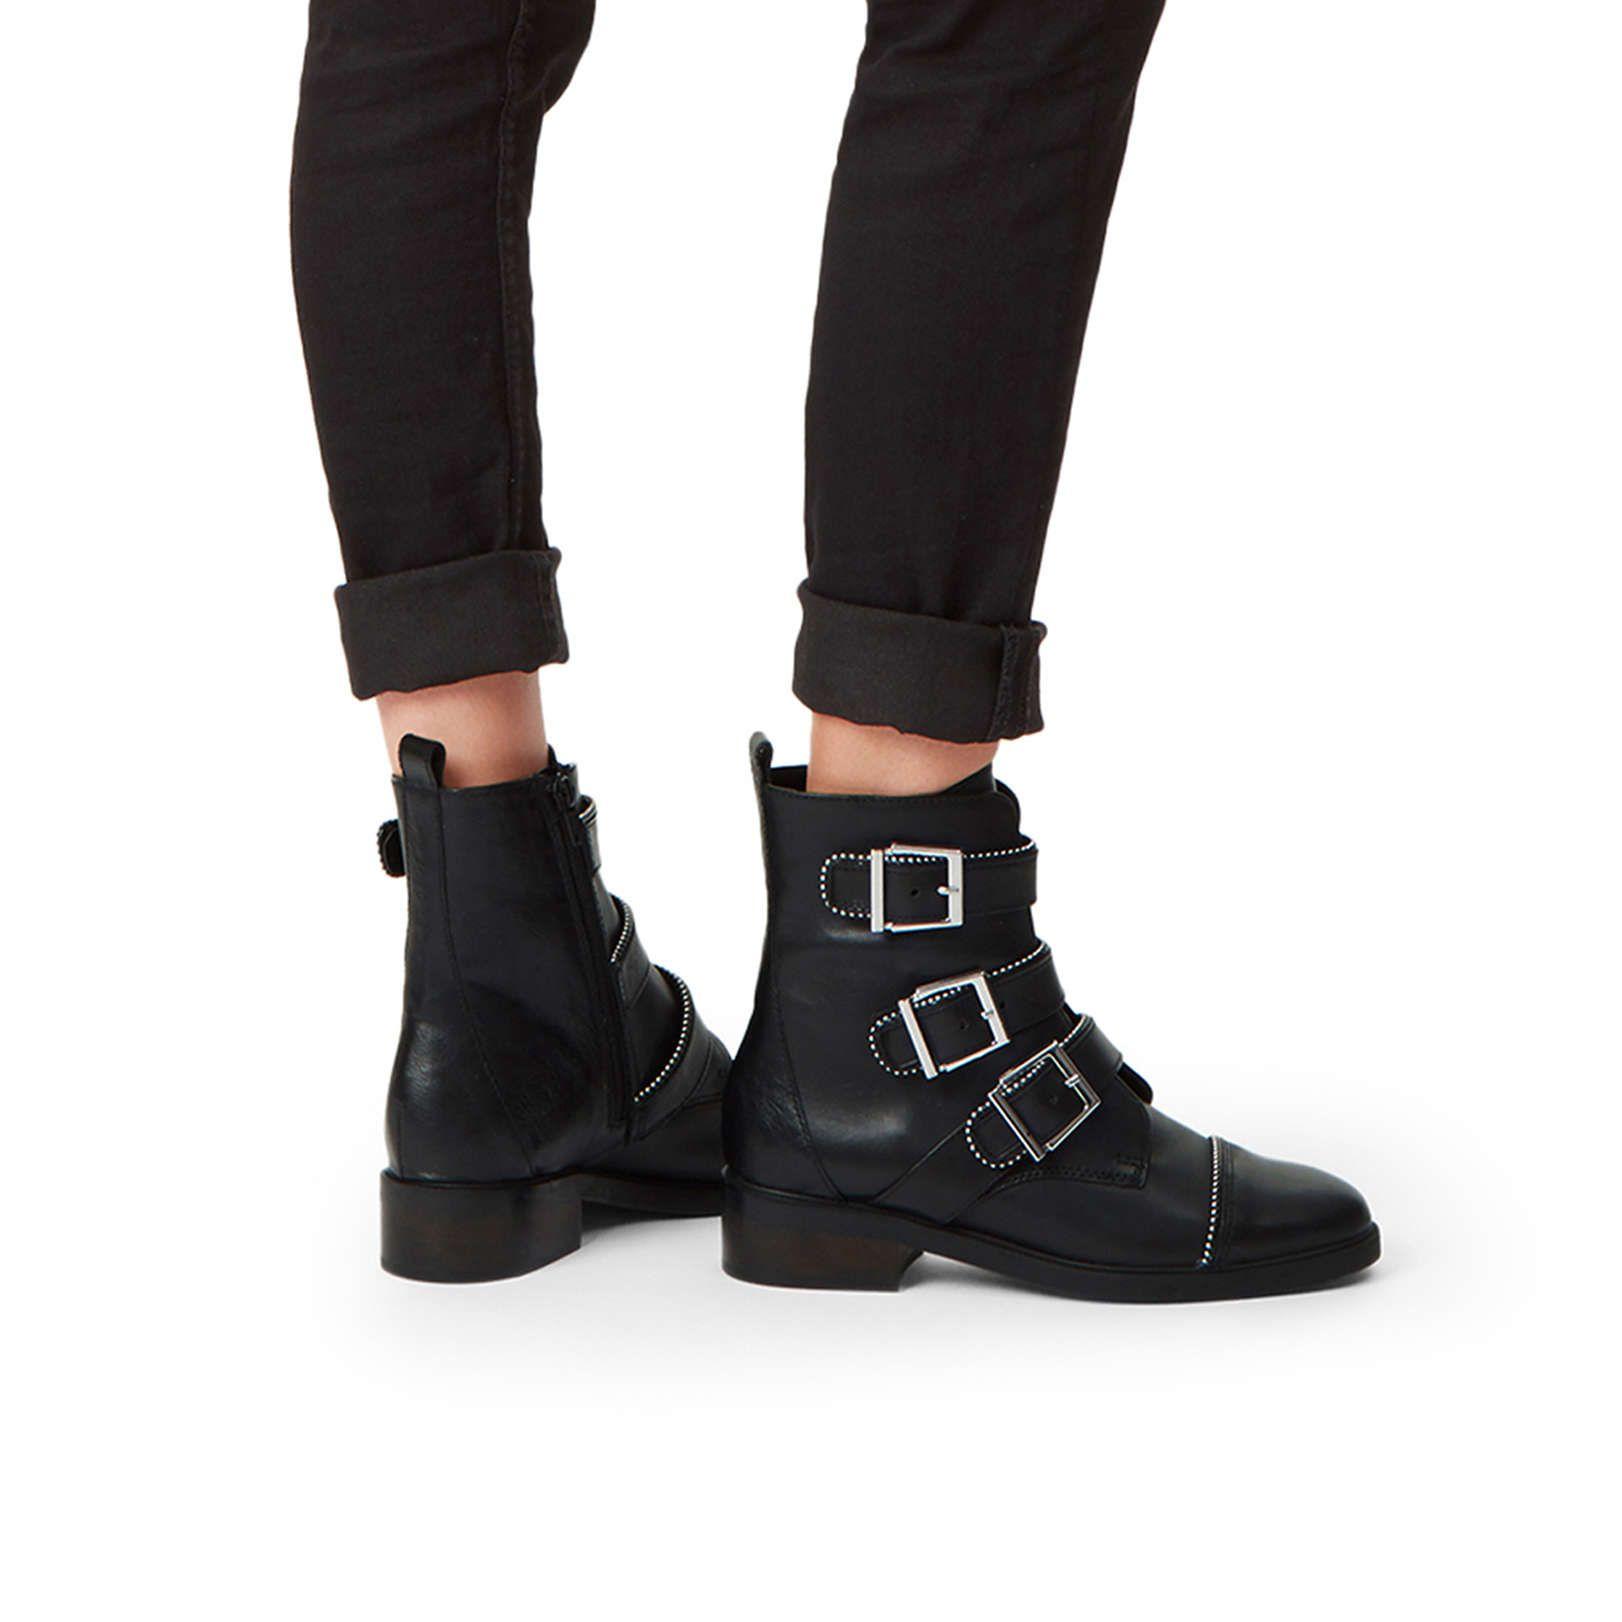 Shop SPARSE Black Leather Biker Boots